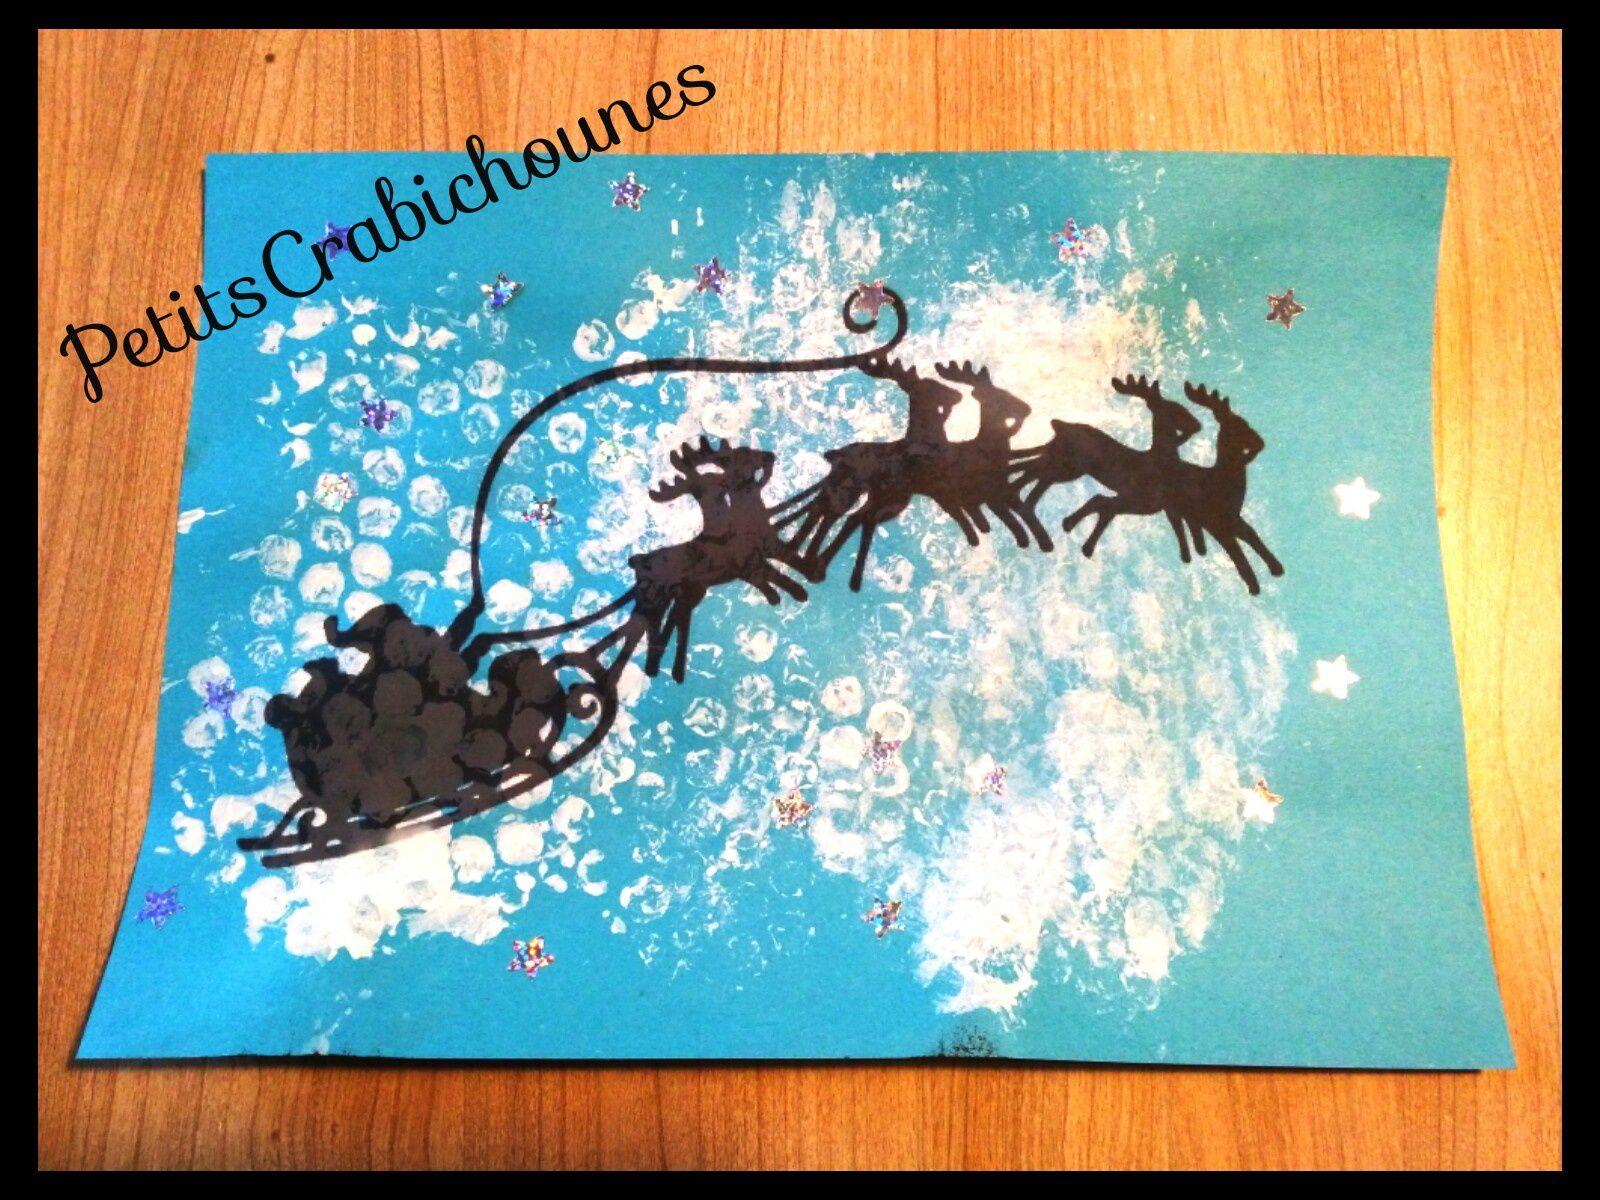 Père-Noël Et Son Traîneau Dans Le Ciel. Silhouette À dedans Image Du Pere Noel Et Son Traineau